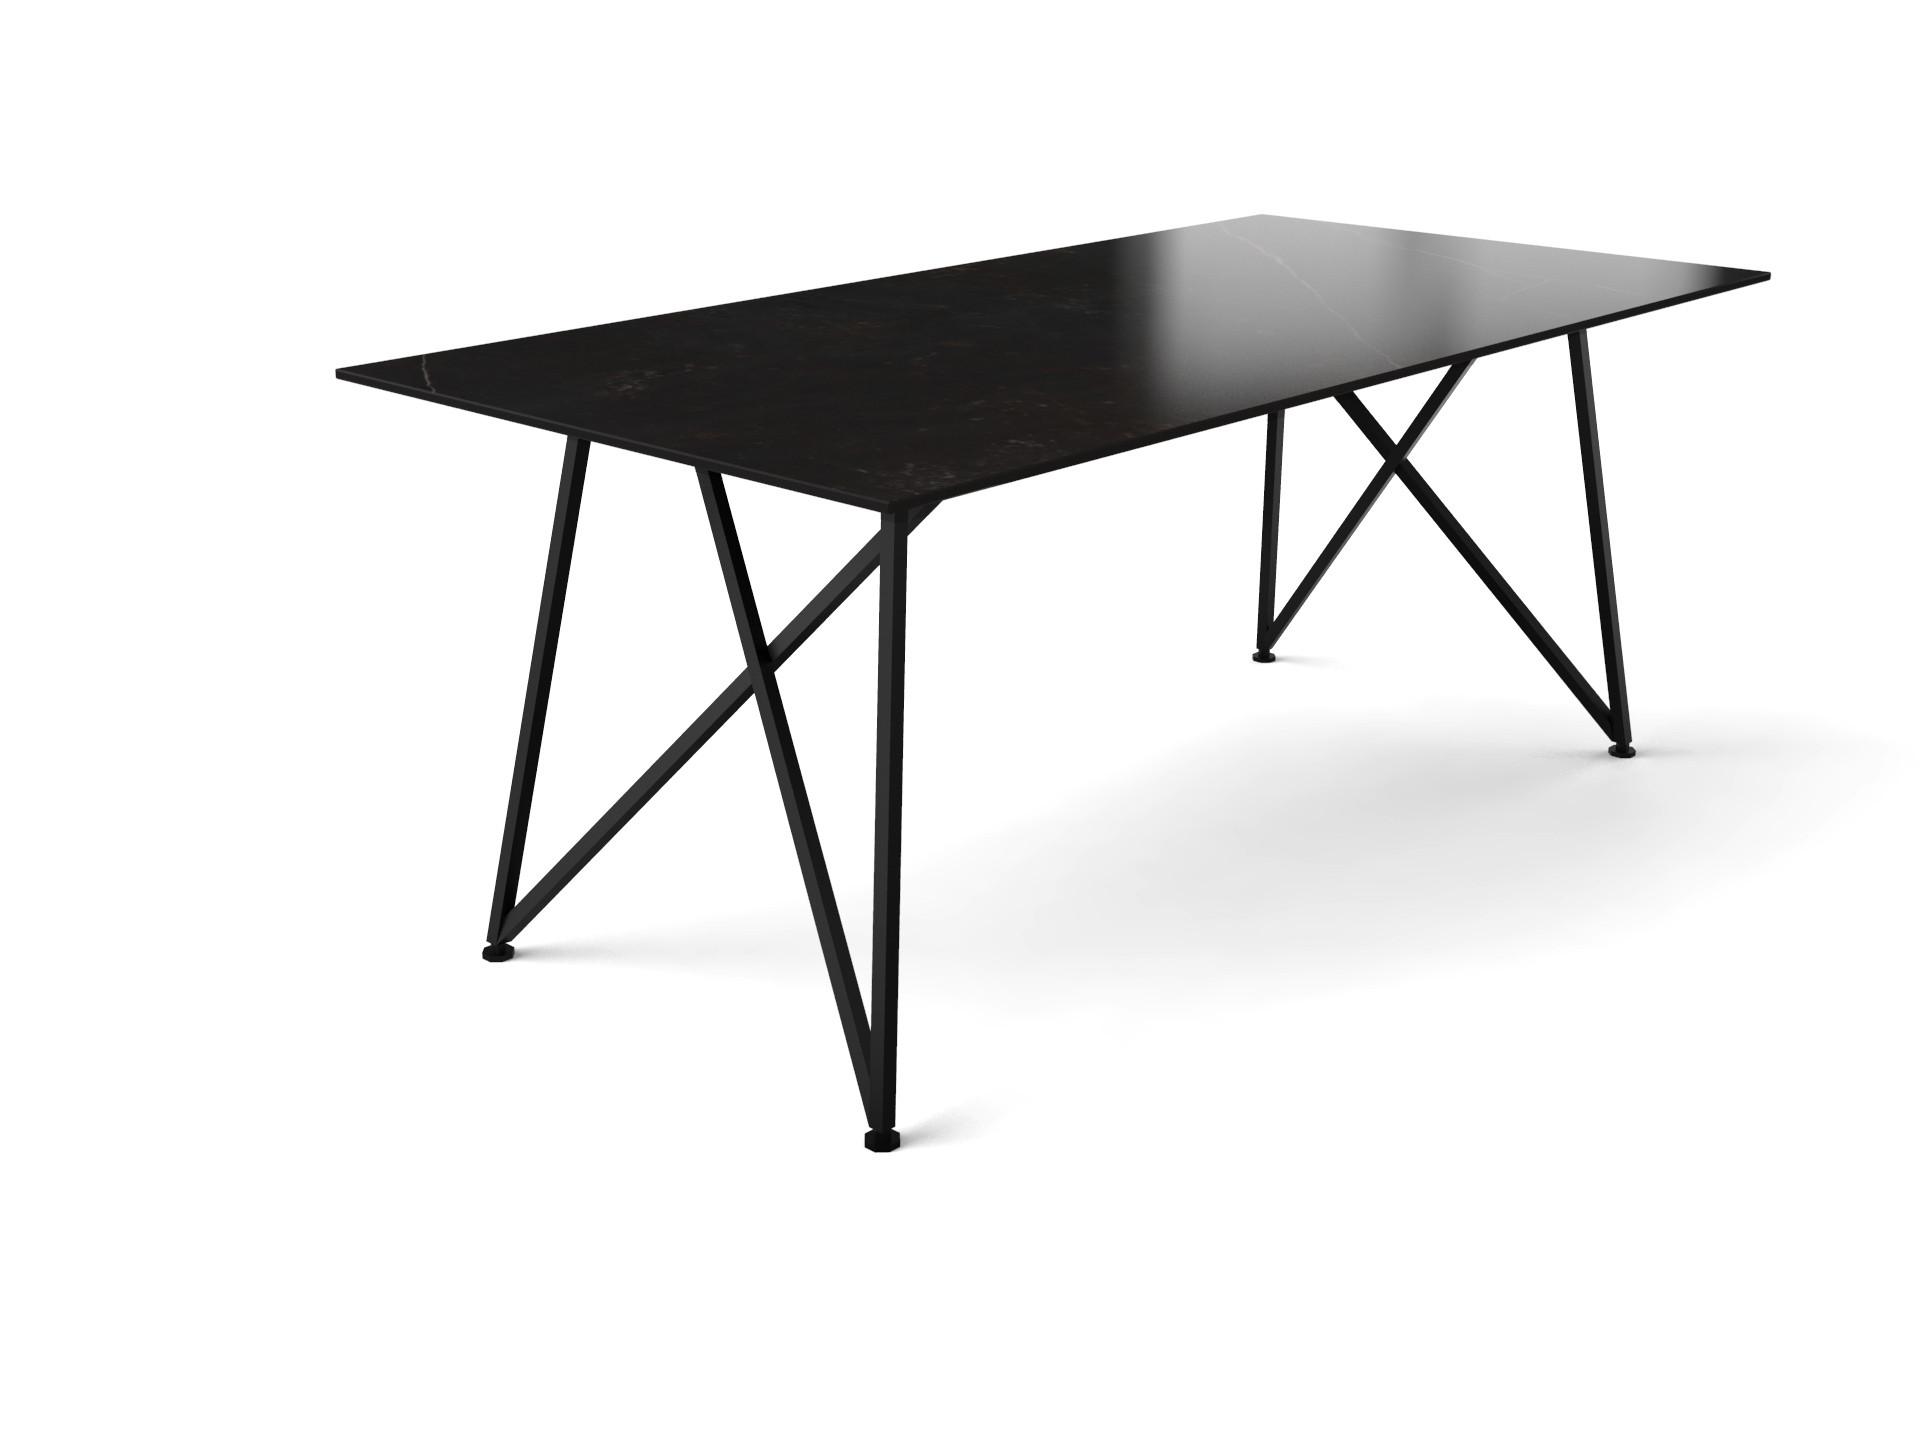 Eettafel Deens design met dun Dekton tafelblad en slank onderstel